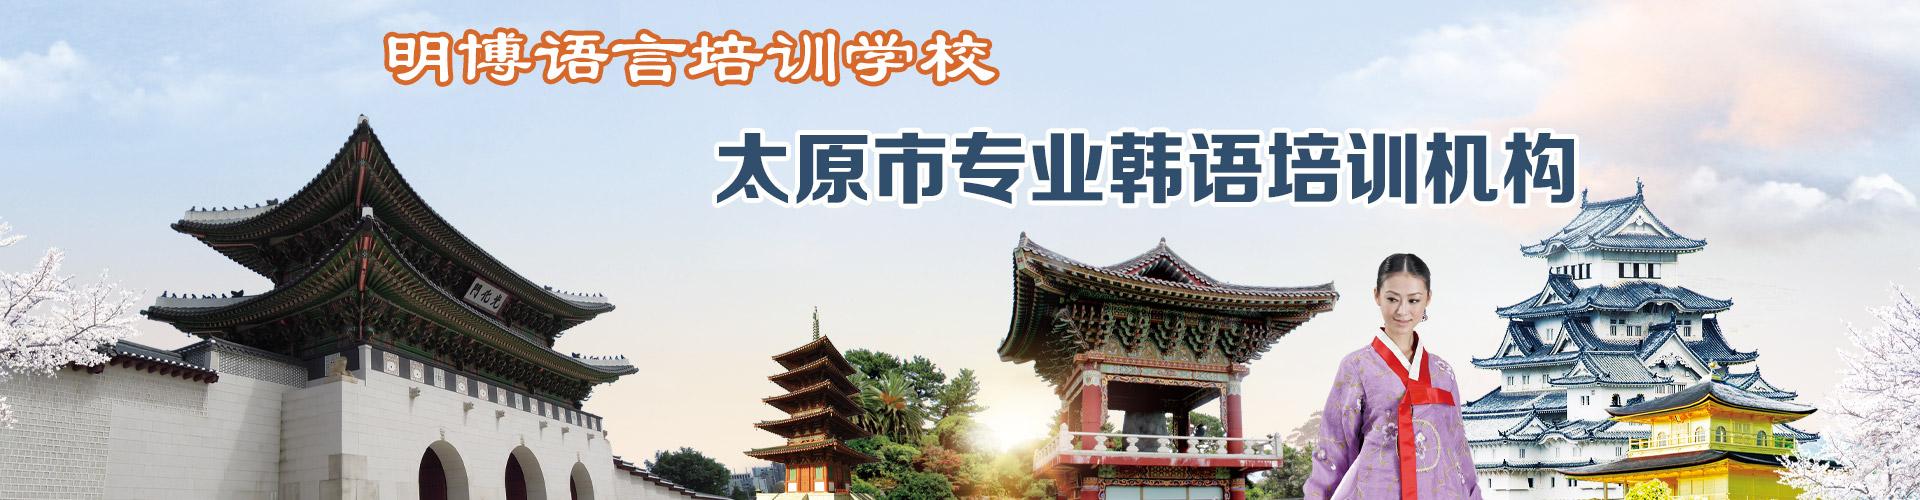 太原名博语言培训学校